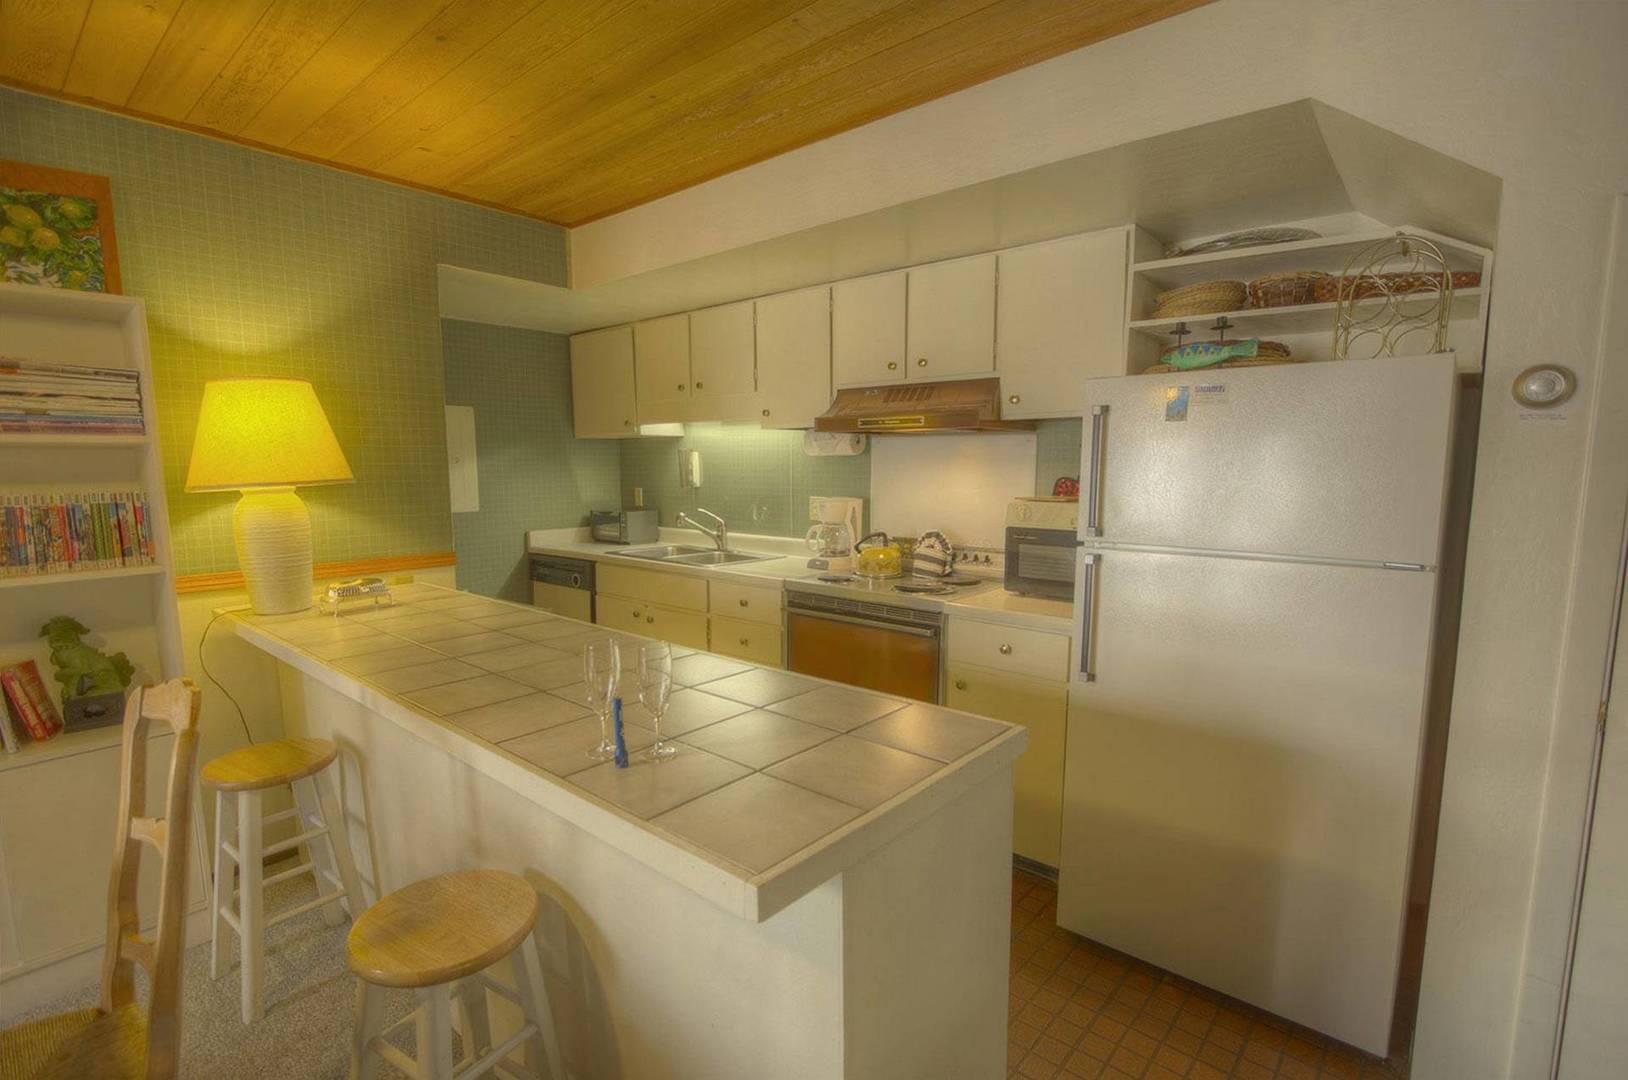 fpc0640 kitchen